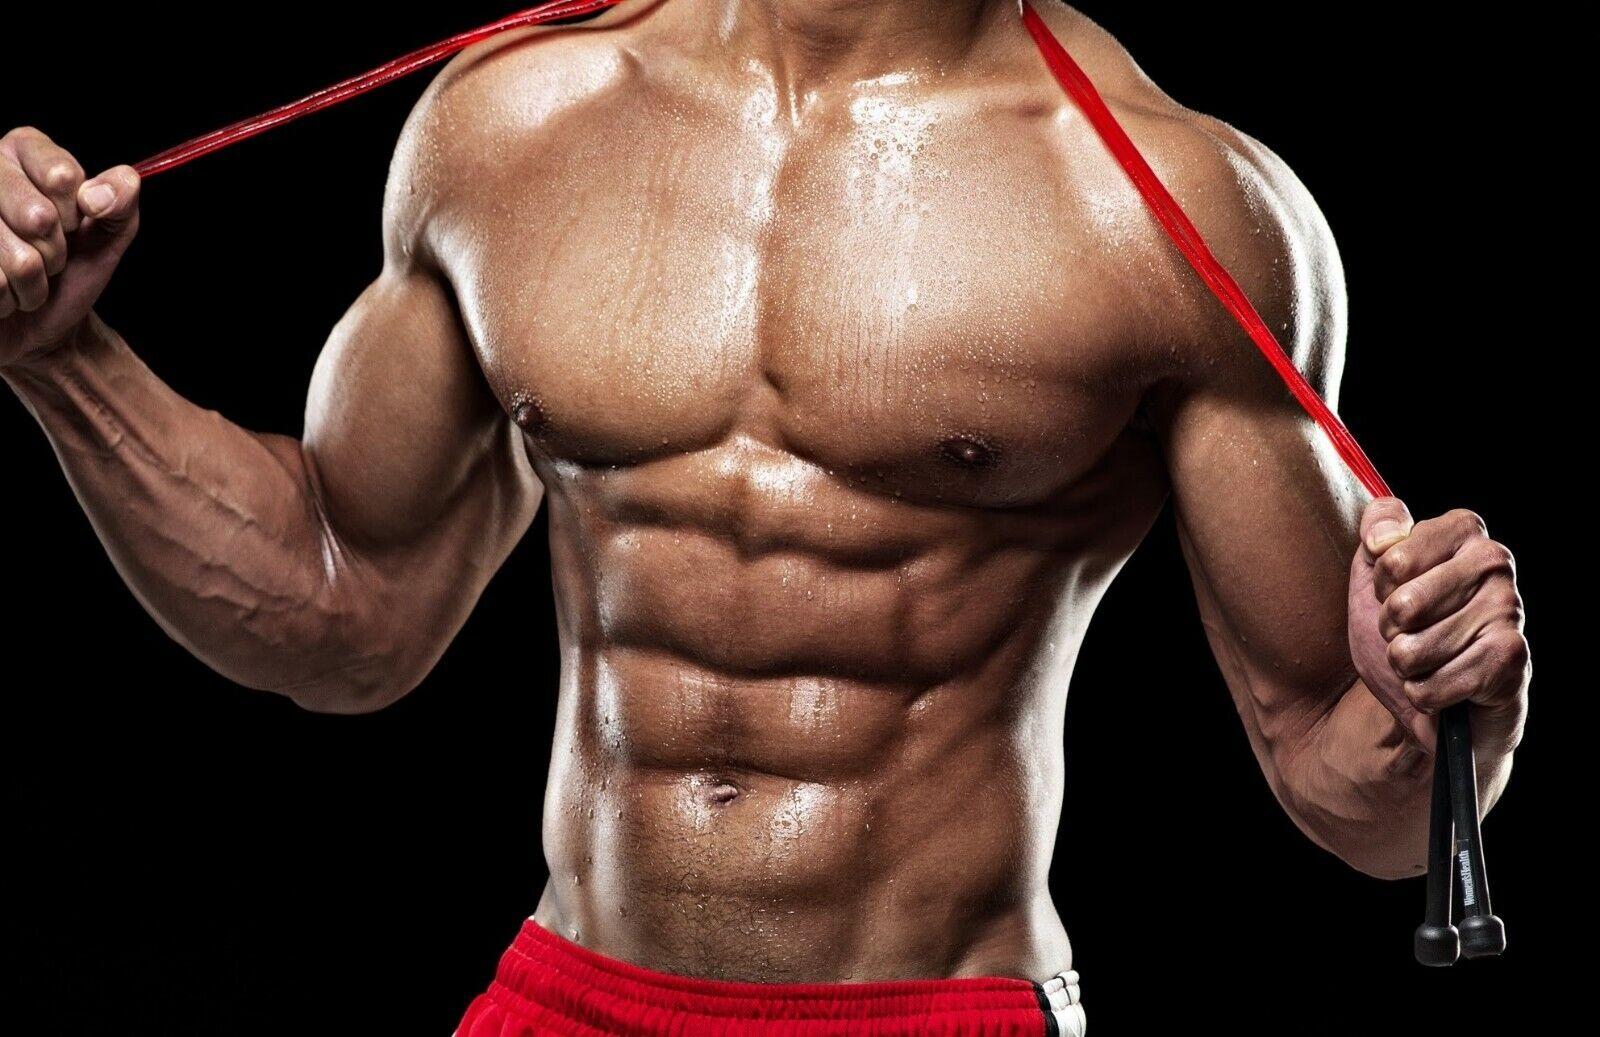 качать мускулы картинки ванной